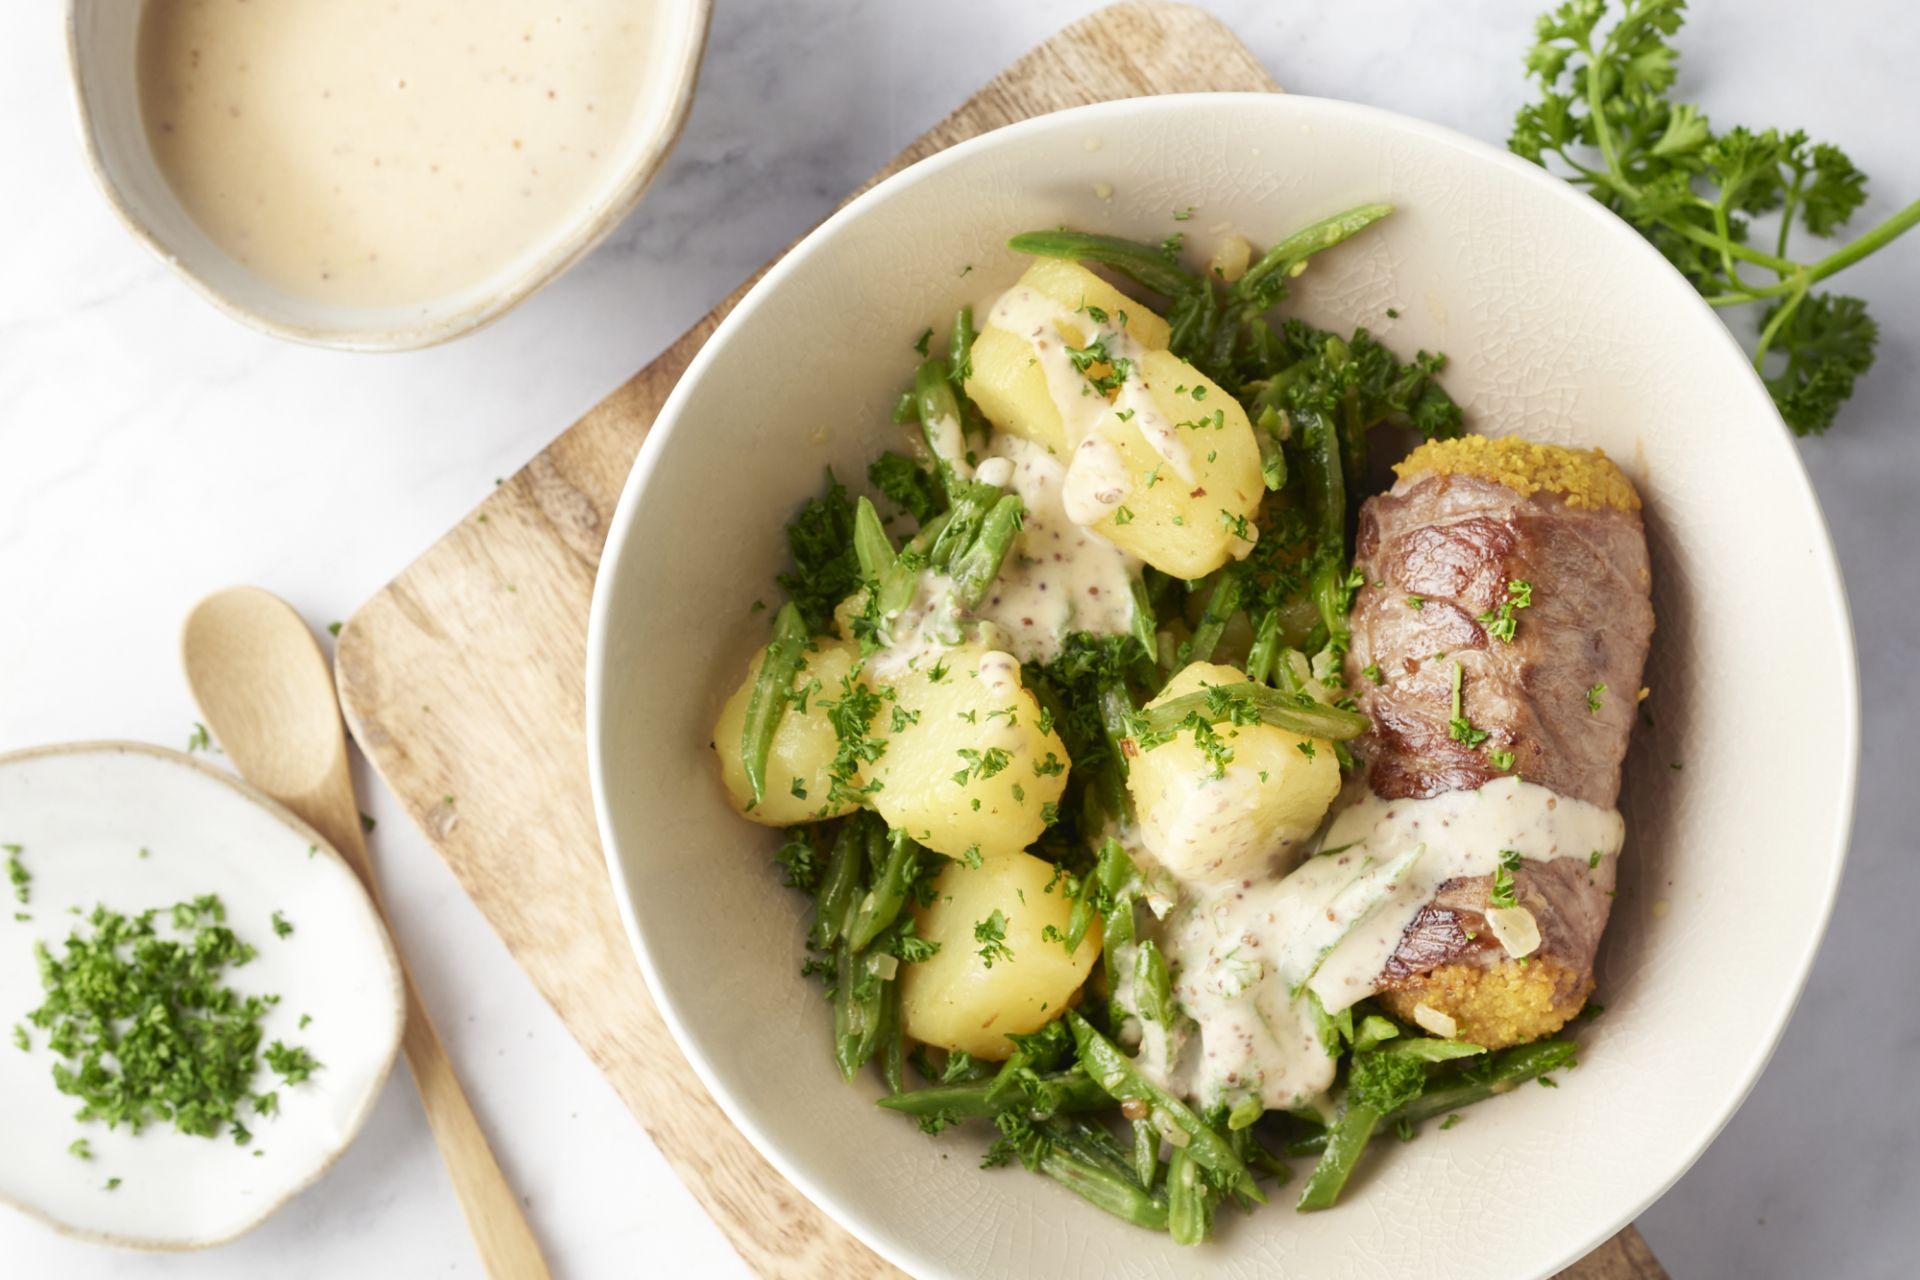 Blinde vink met gebakken aardappelen, snijbonen en graanmosterdsaus